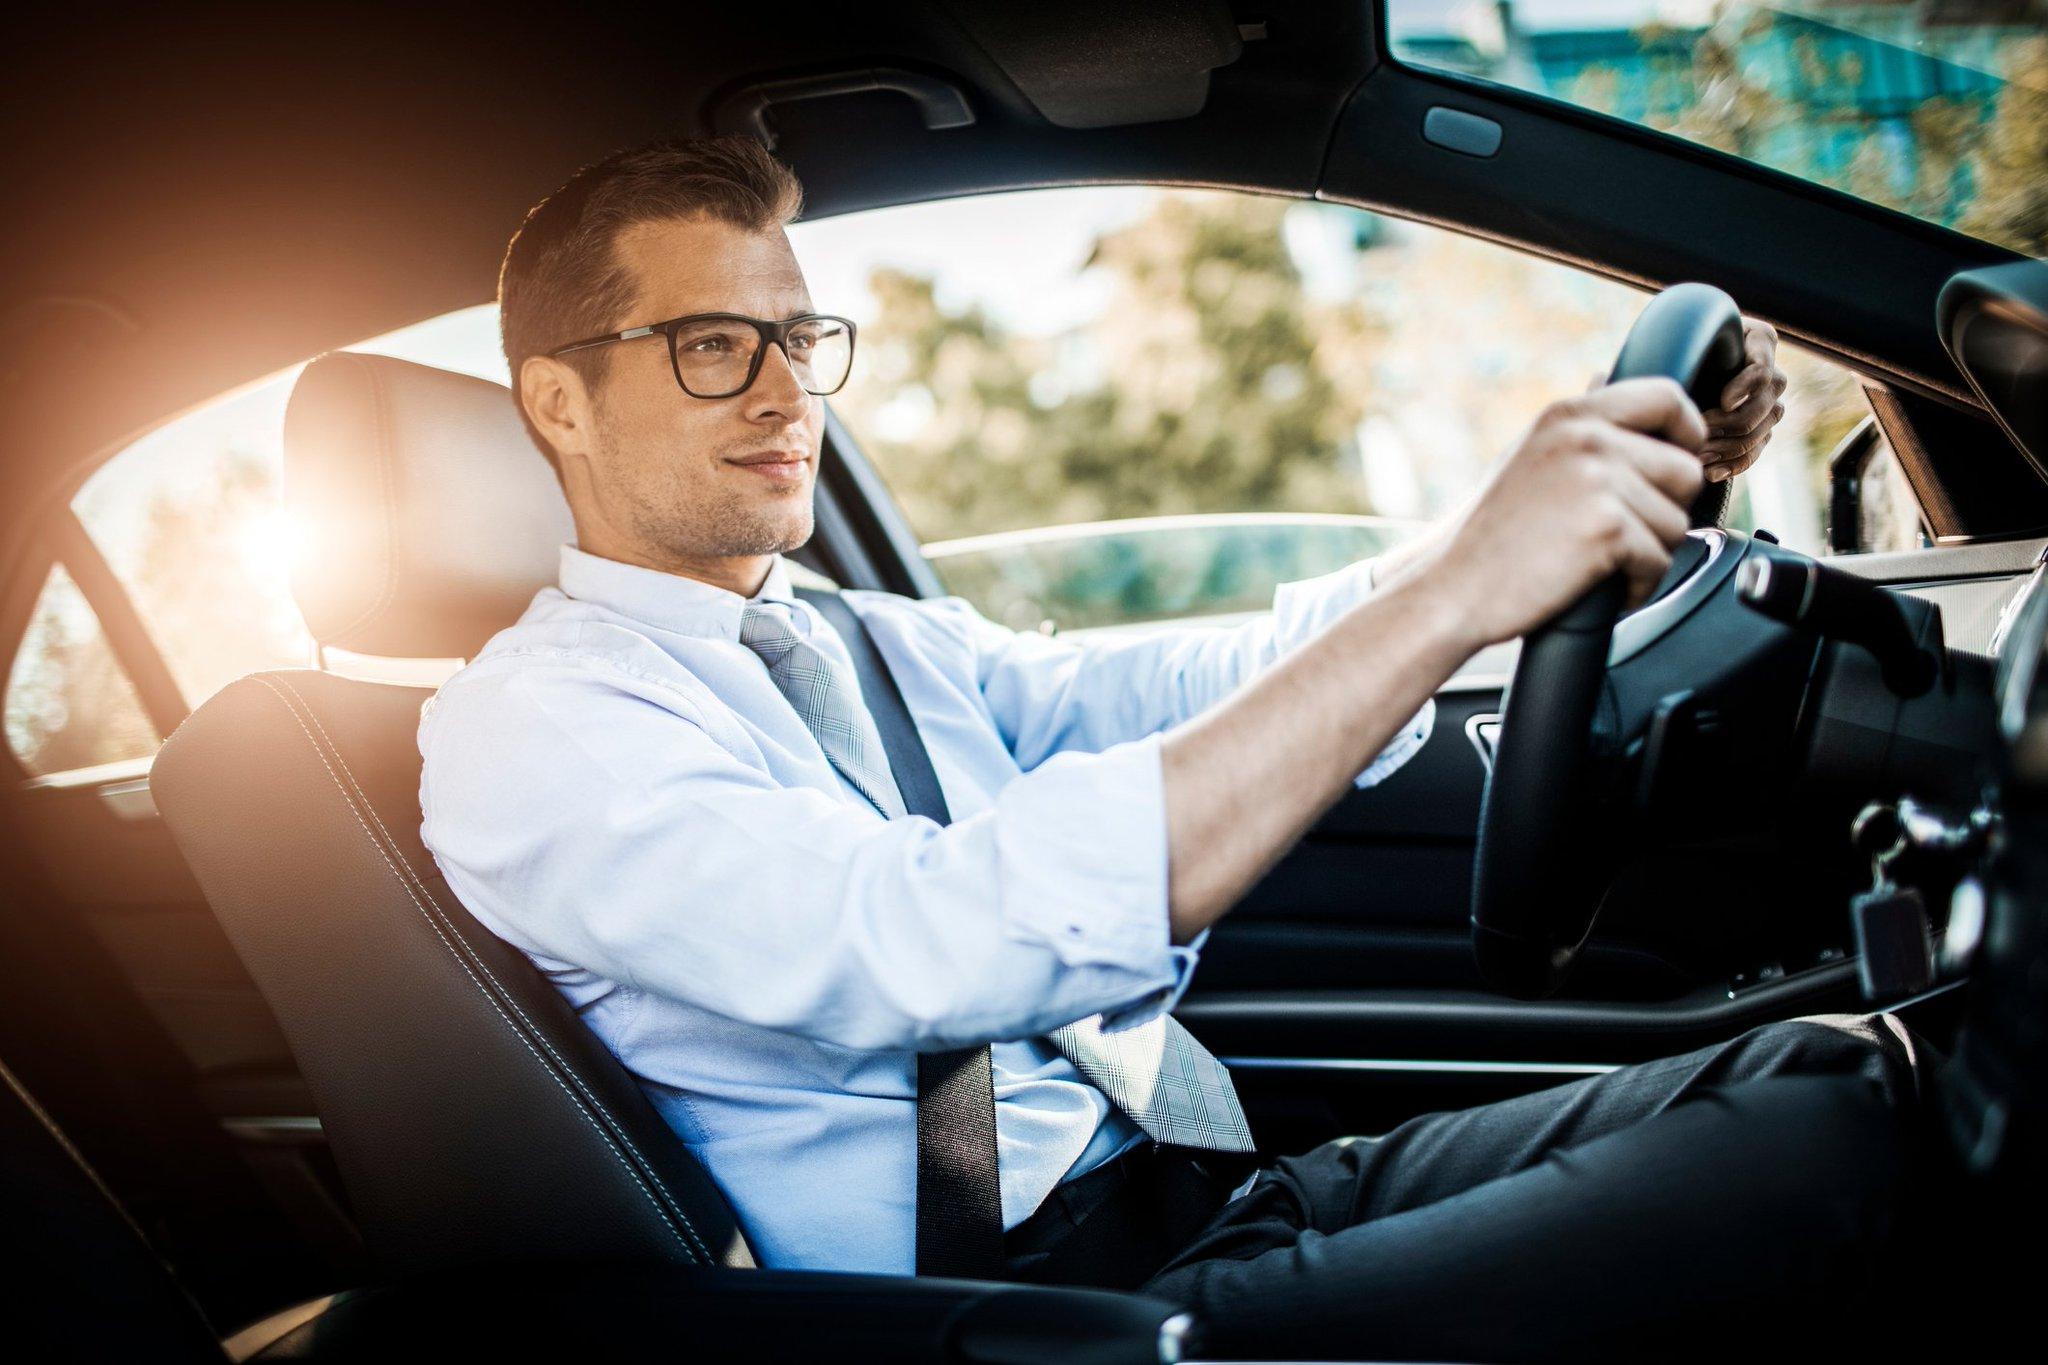 это фото мужчина боком за рулем в очках касается других